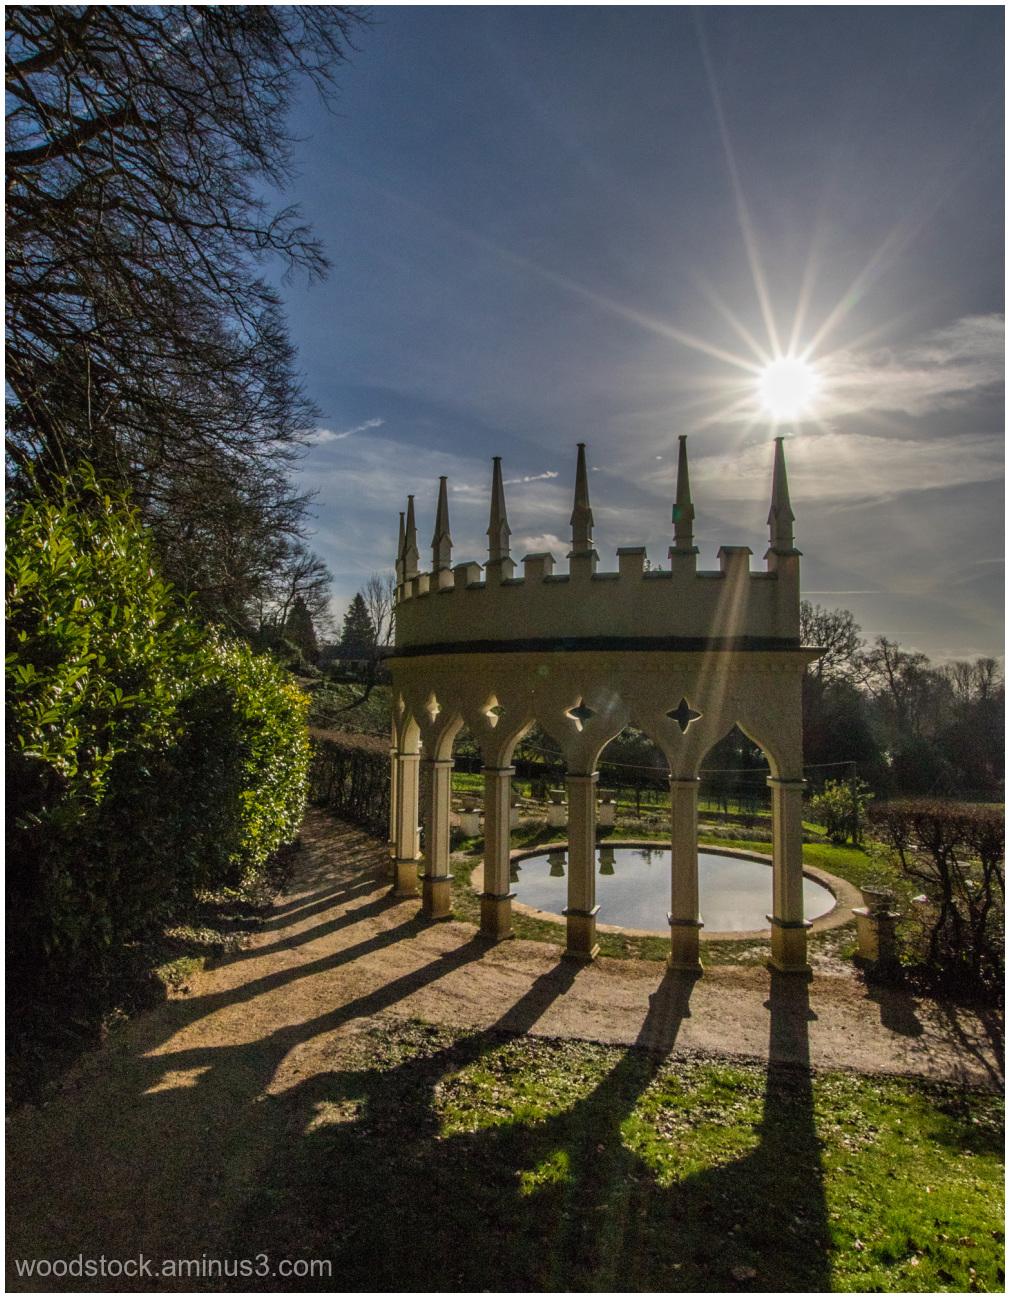 Rococco Garden